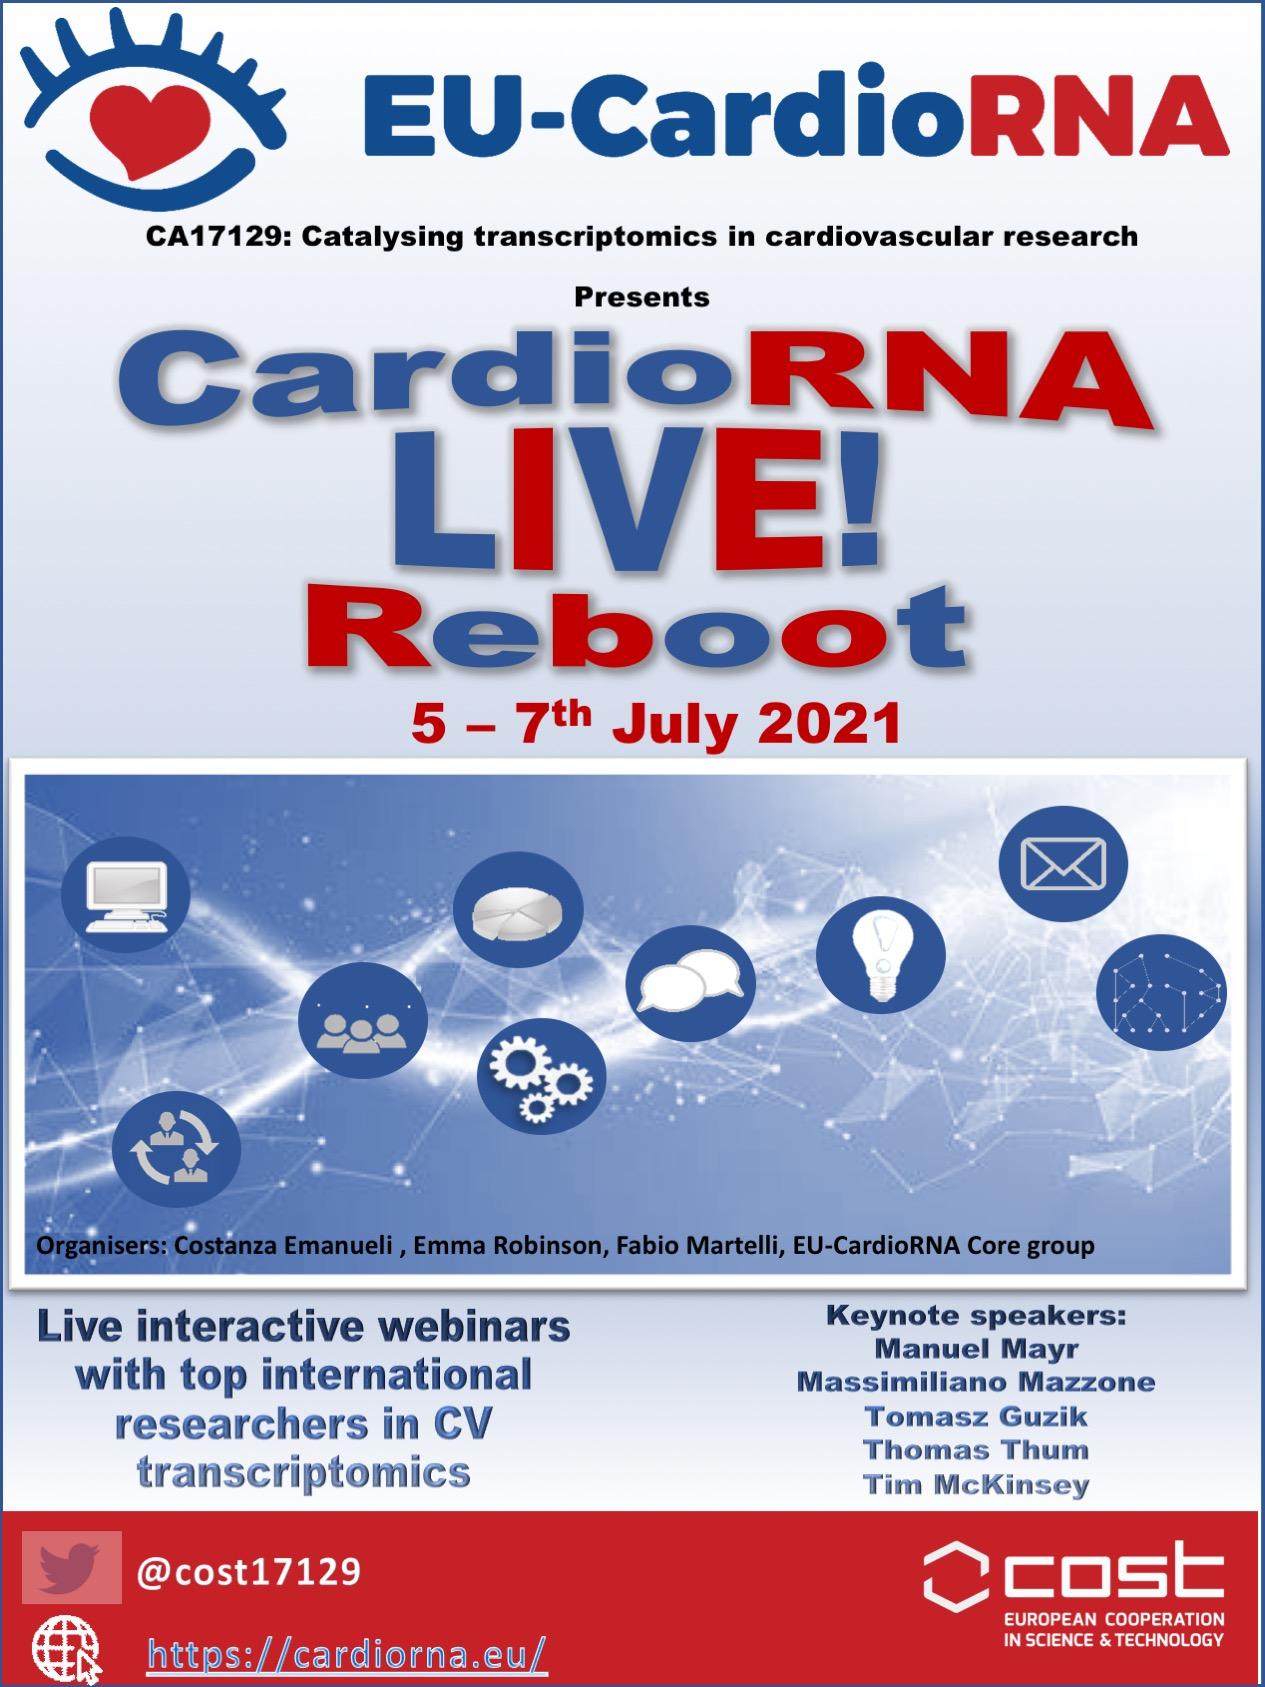 CardioRNA LIVE! Reboot virtual meeting, 5-7th July 2021